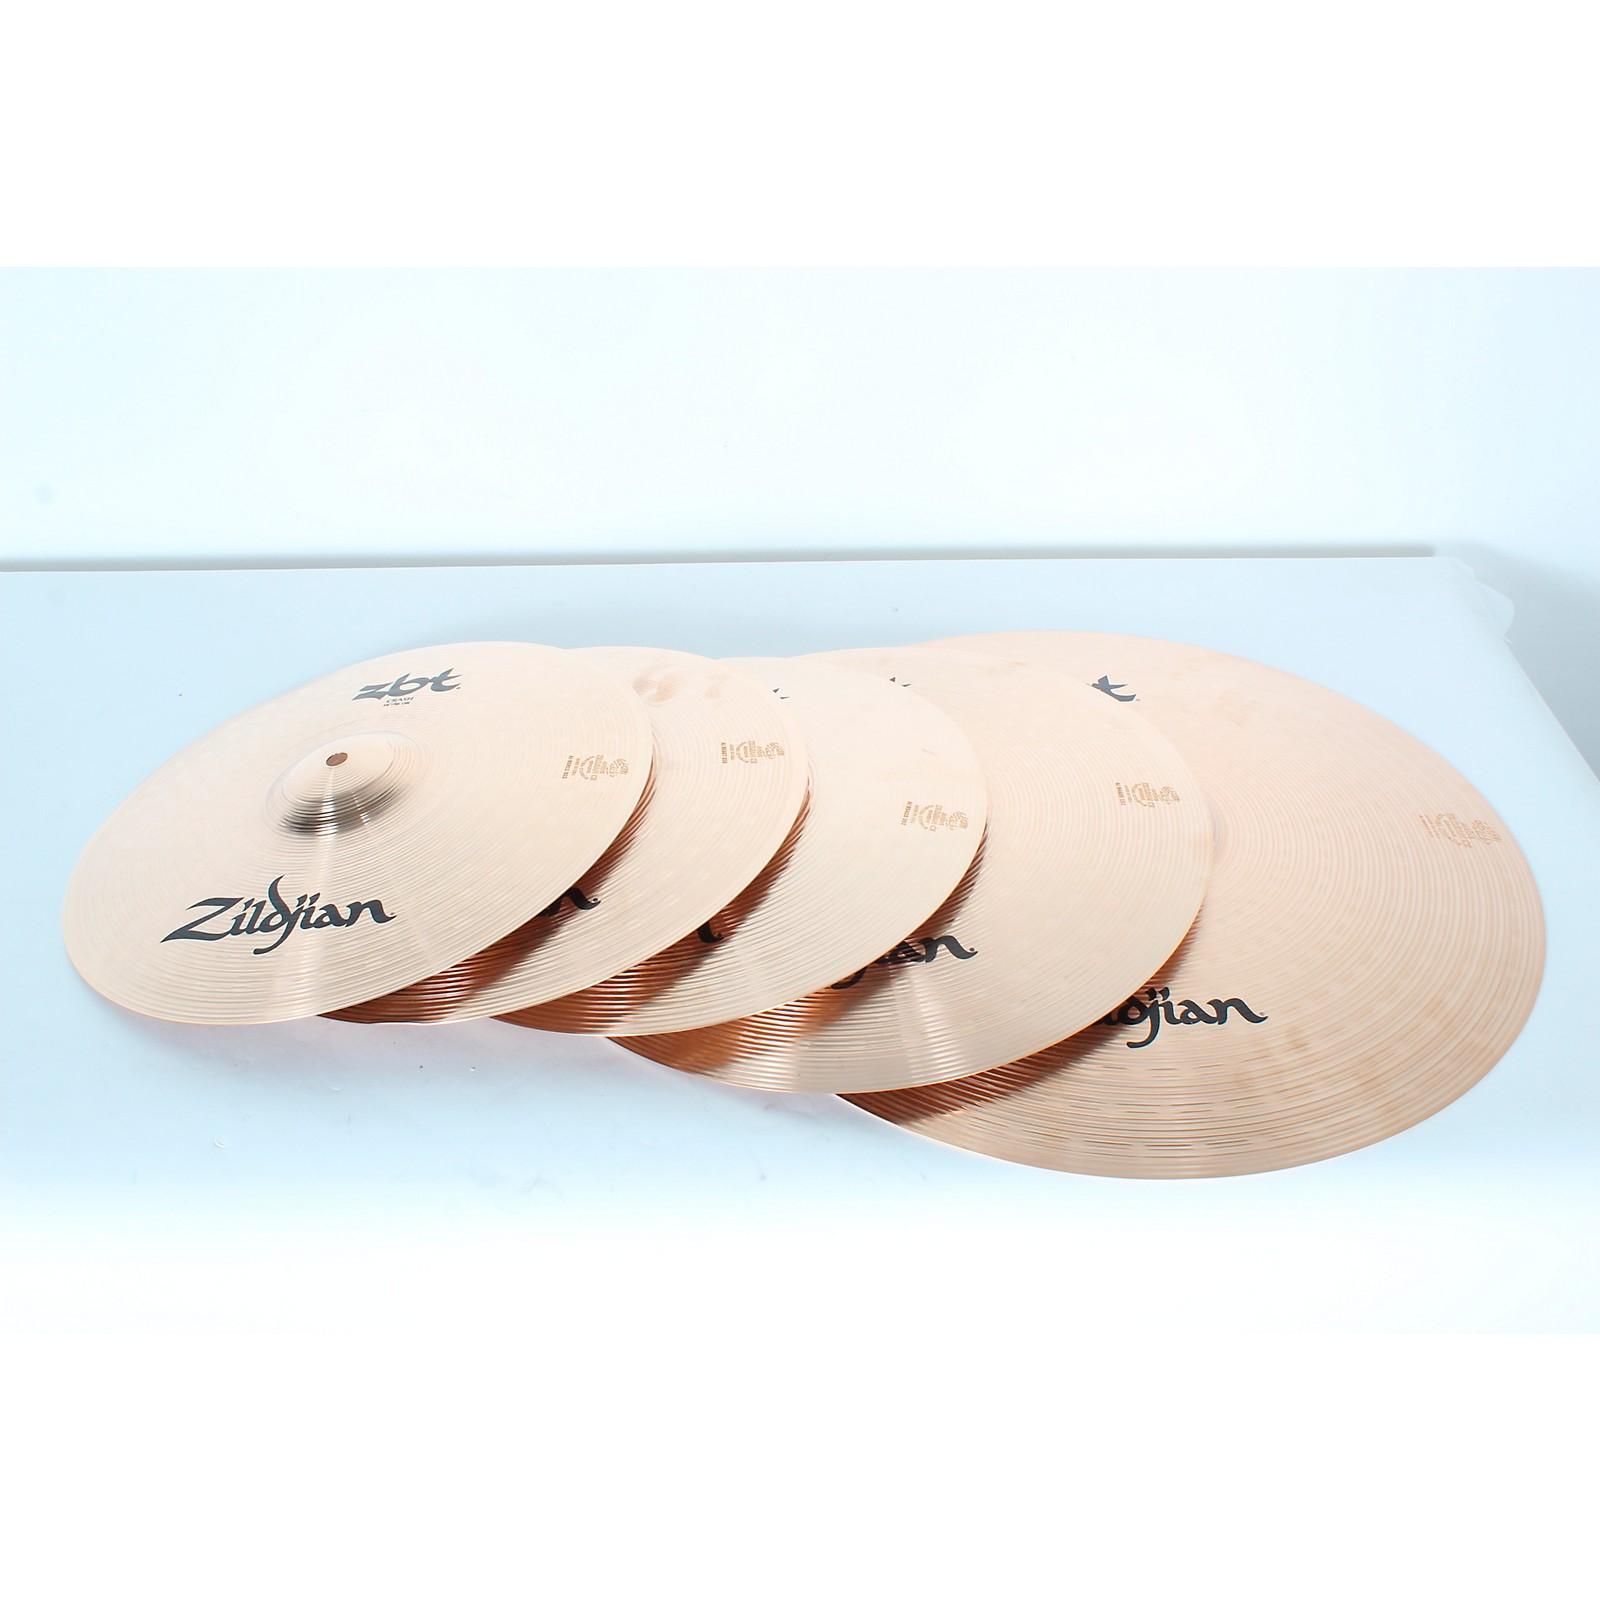 Open Box Zildjian ZBT Pro Cymbal Set with Free 14